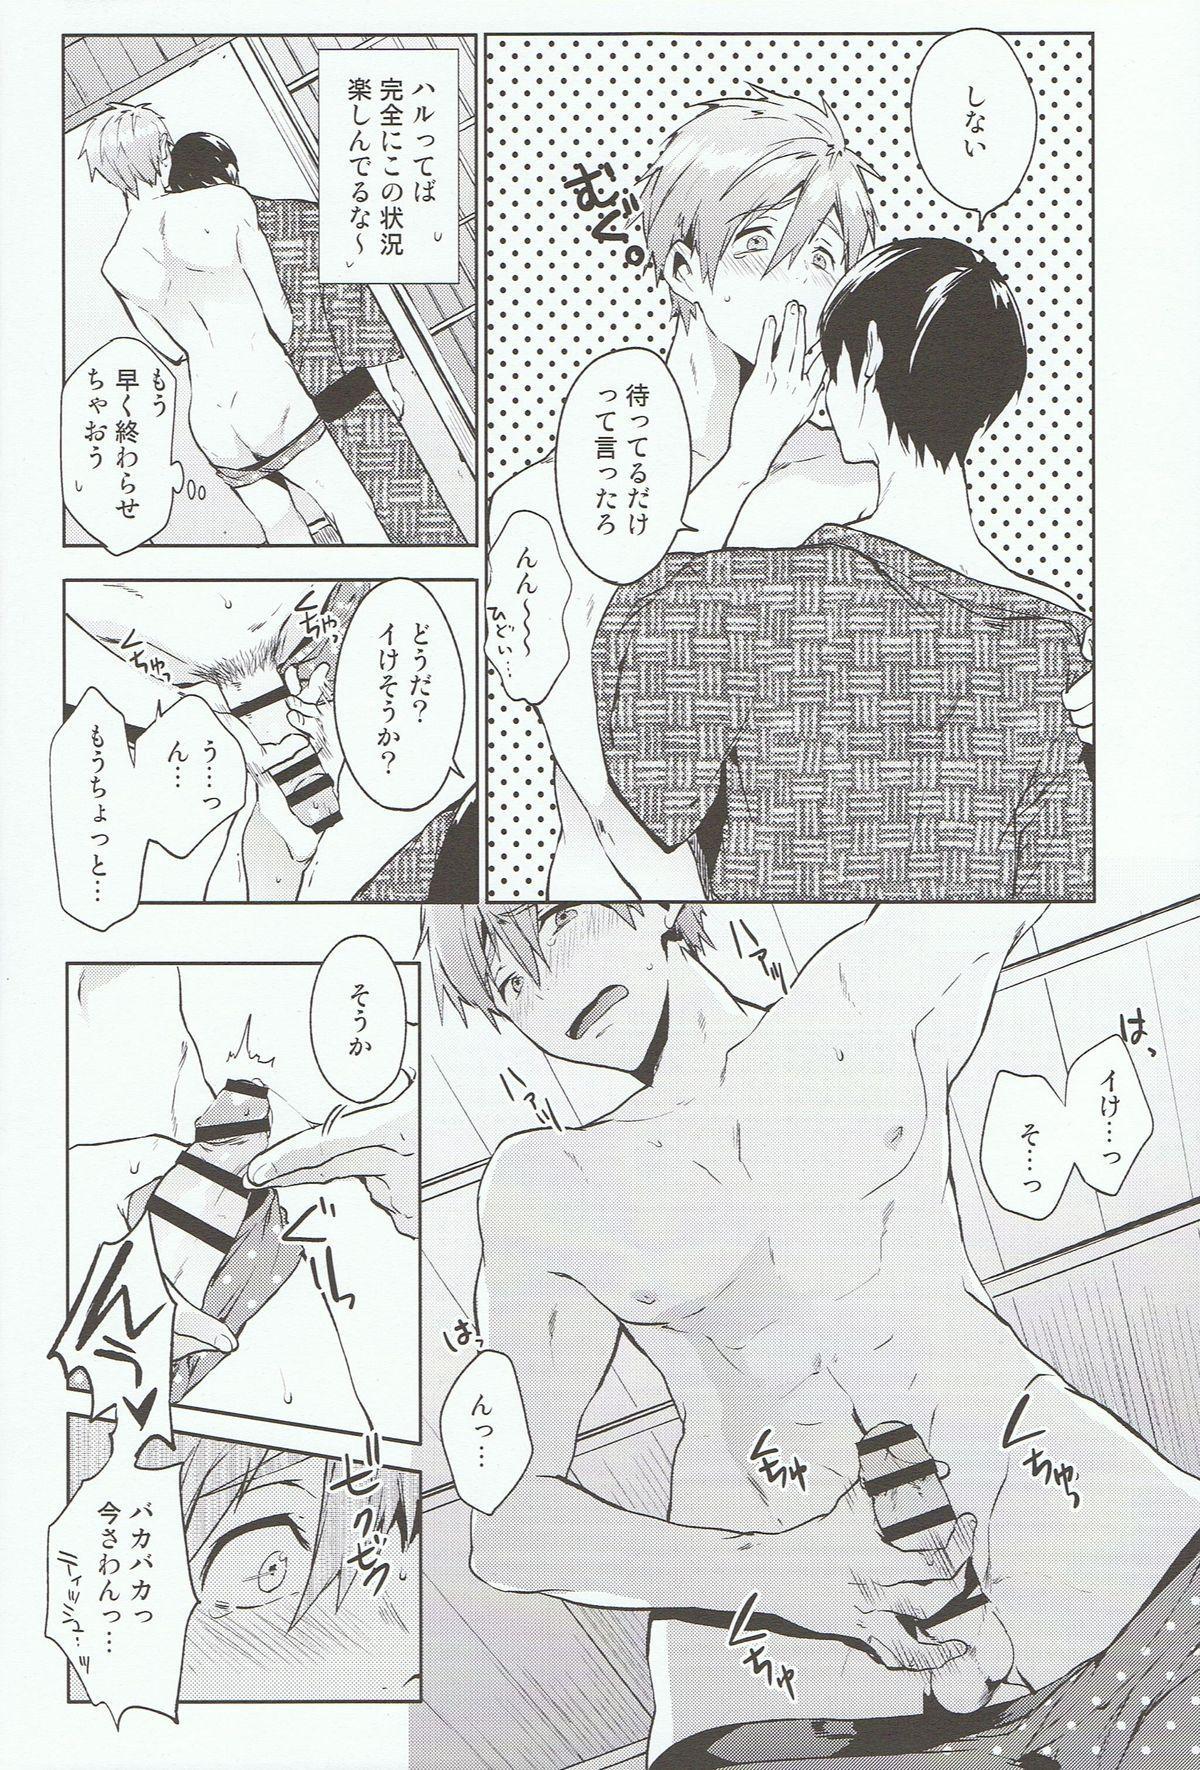 Haru no Pantsu 12